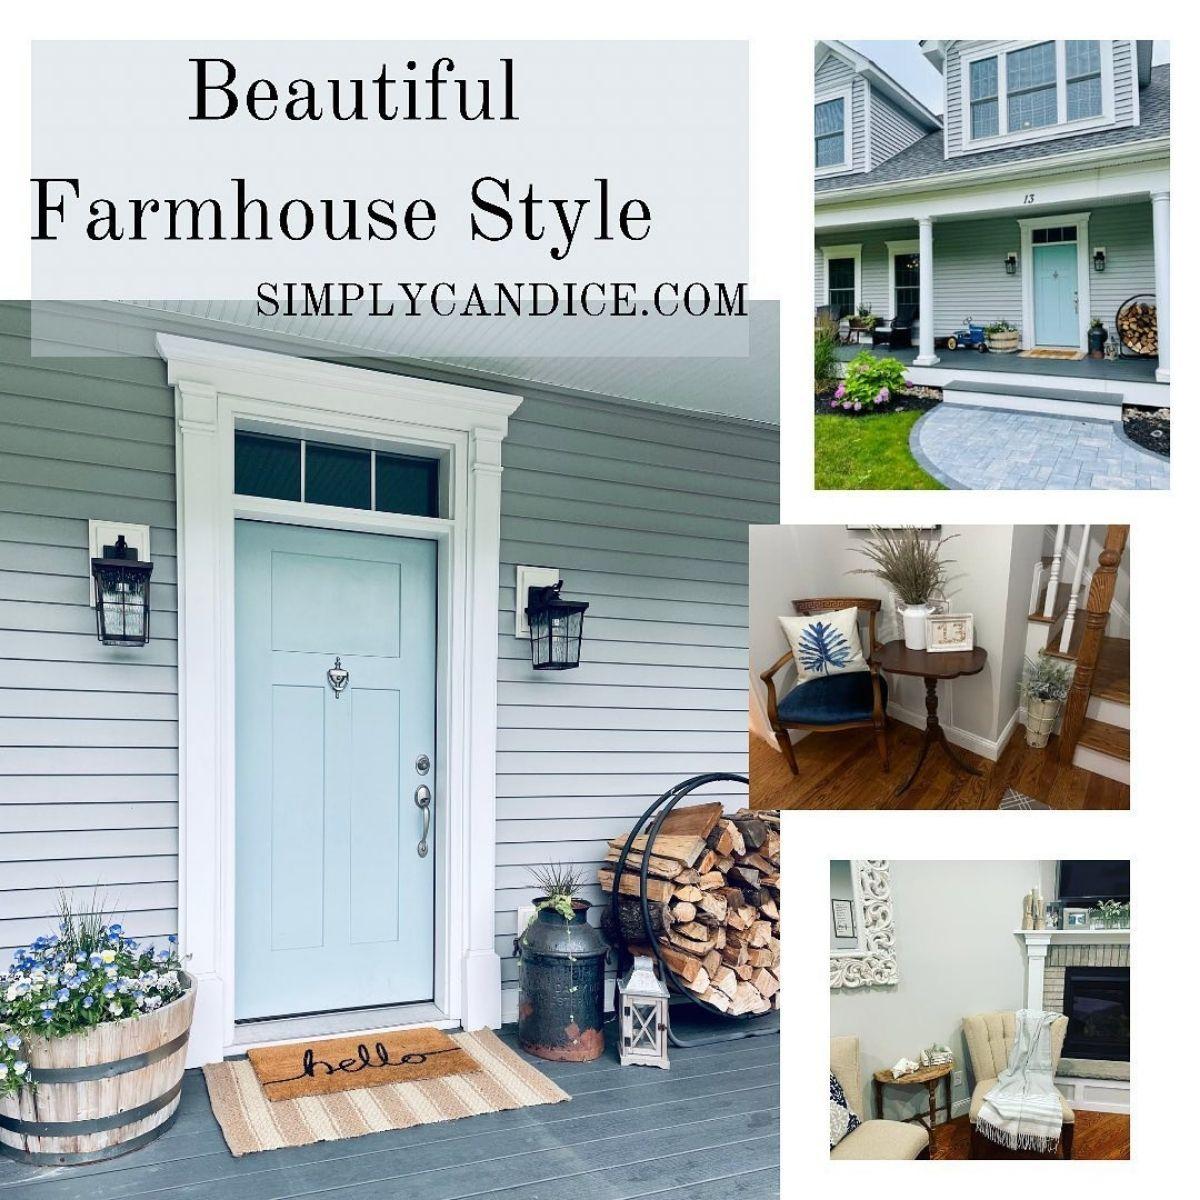 beautiful farmhouse style image